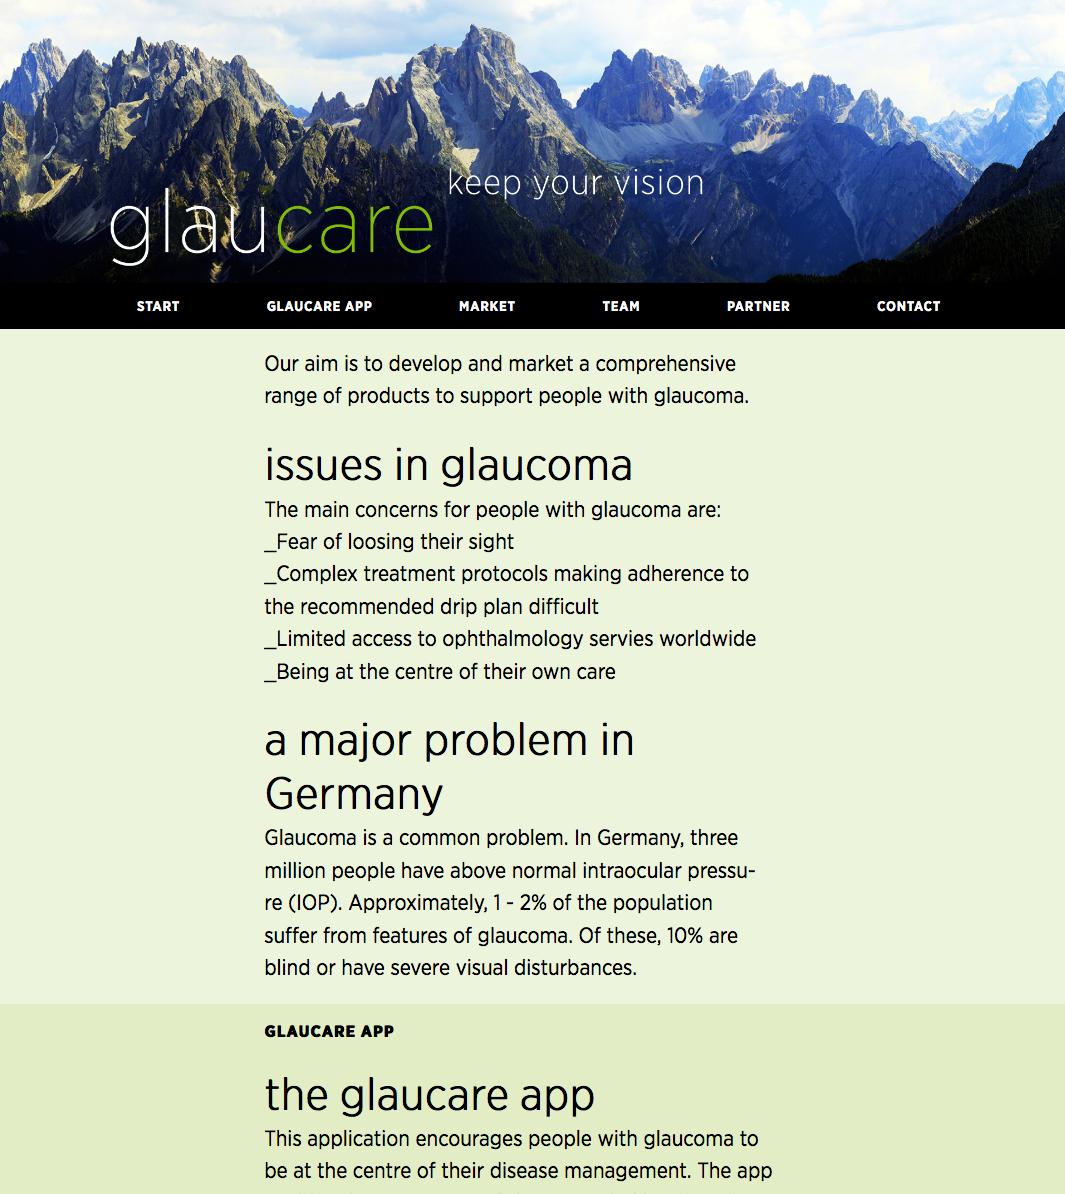 Glaucare